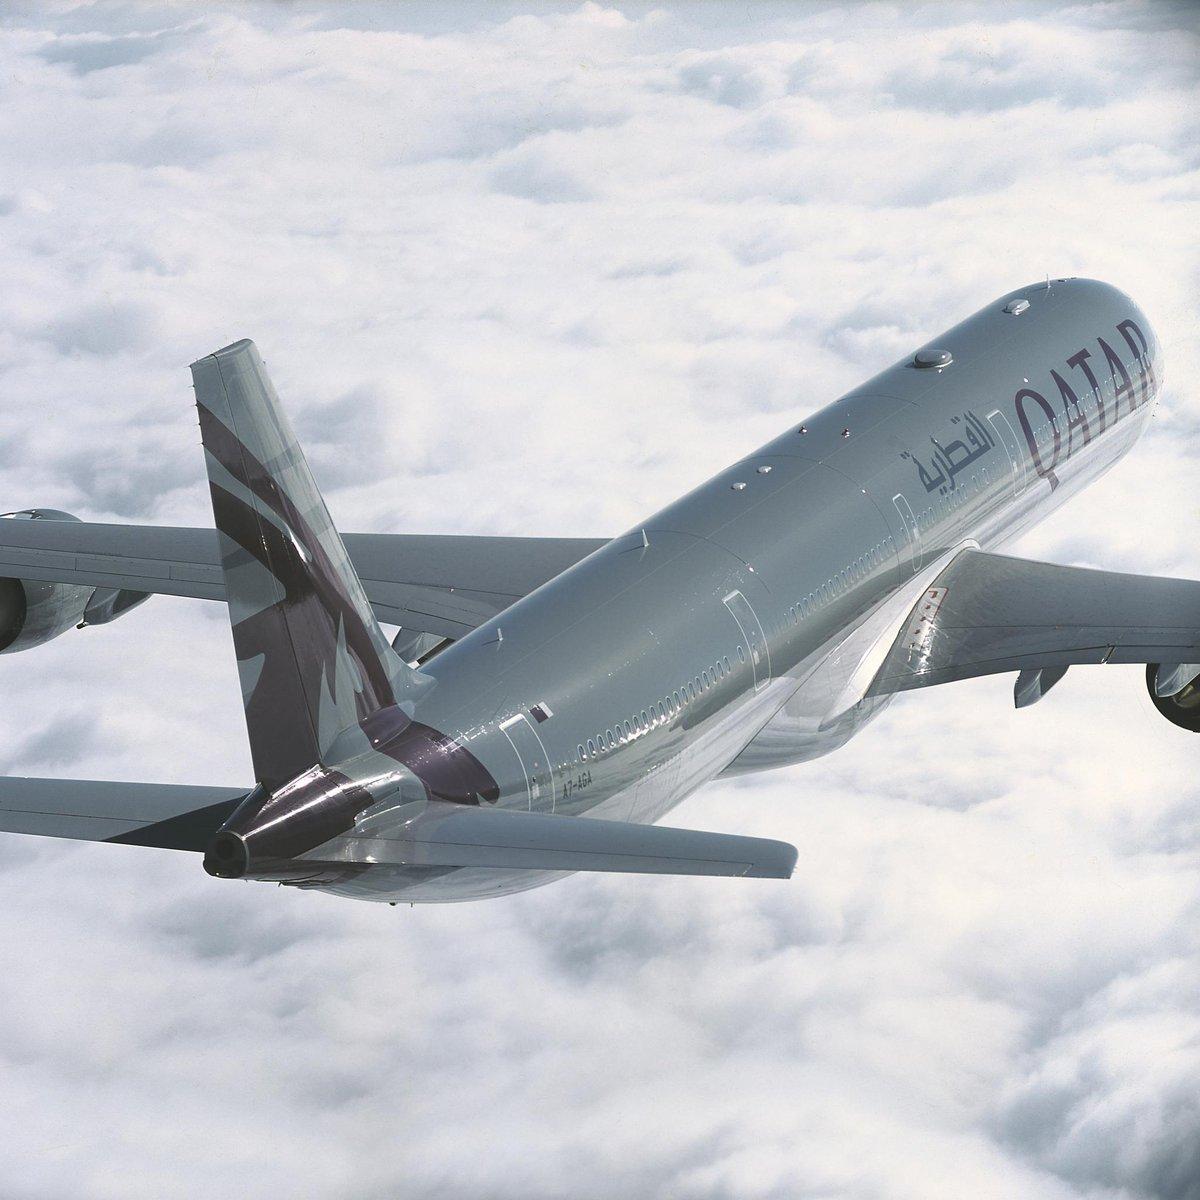 الخطوط الجوية القطرية ترفع سعة رحلاتها إلى بنغالورو. India QatarAirways http://t